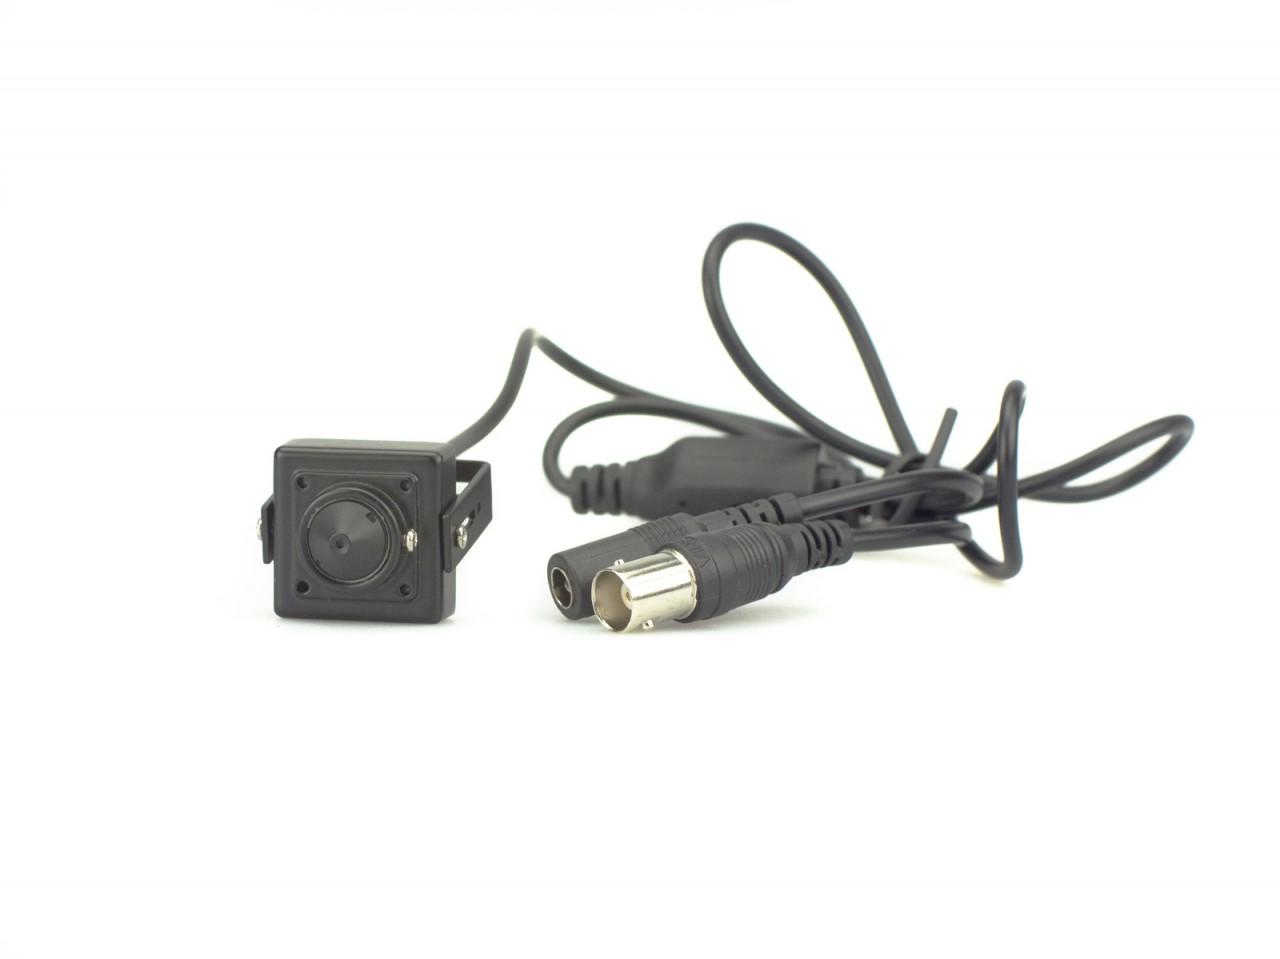 TURM HDCVI Lite 2 MP Mini Überwachungskamera mit Nadelöhr Objektiv,Starlight Lichtempfindlichkeit 0.